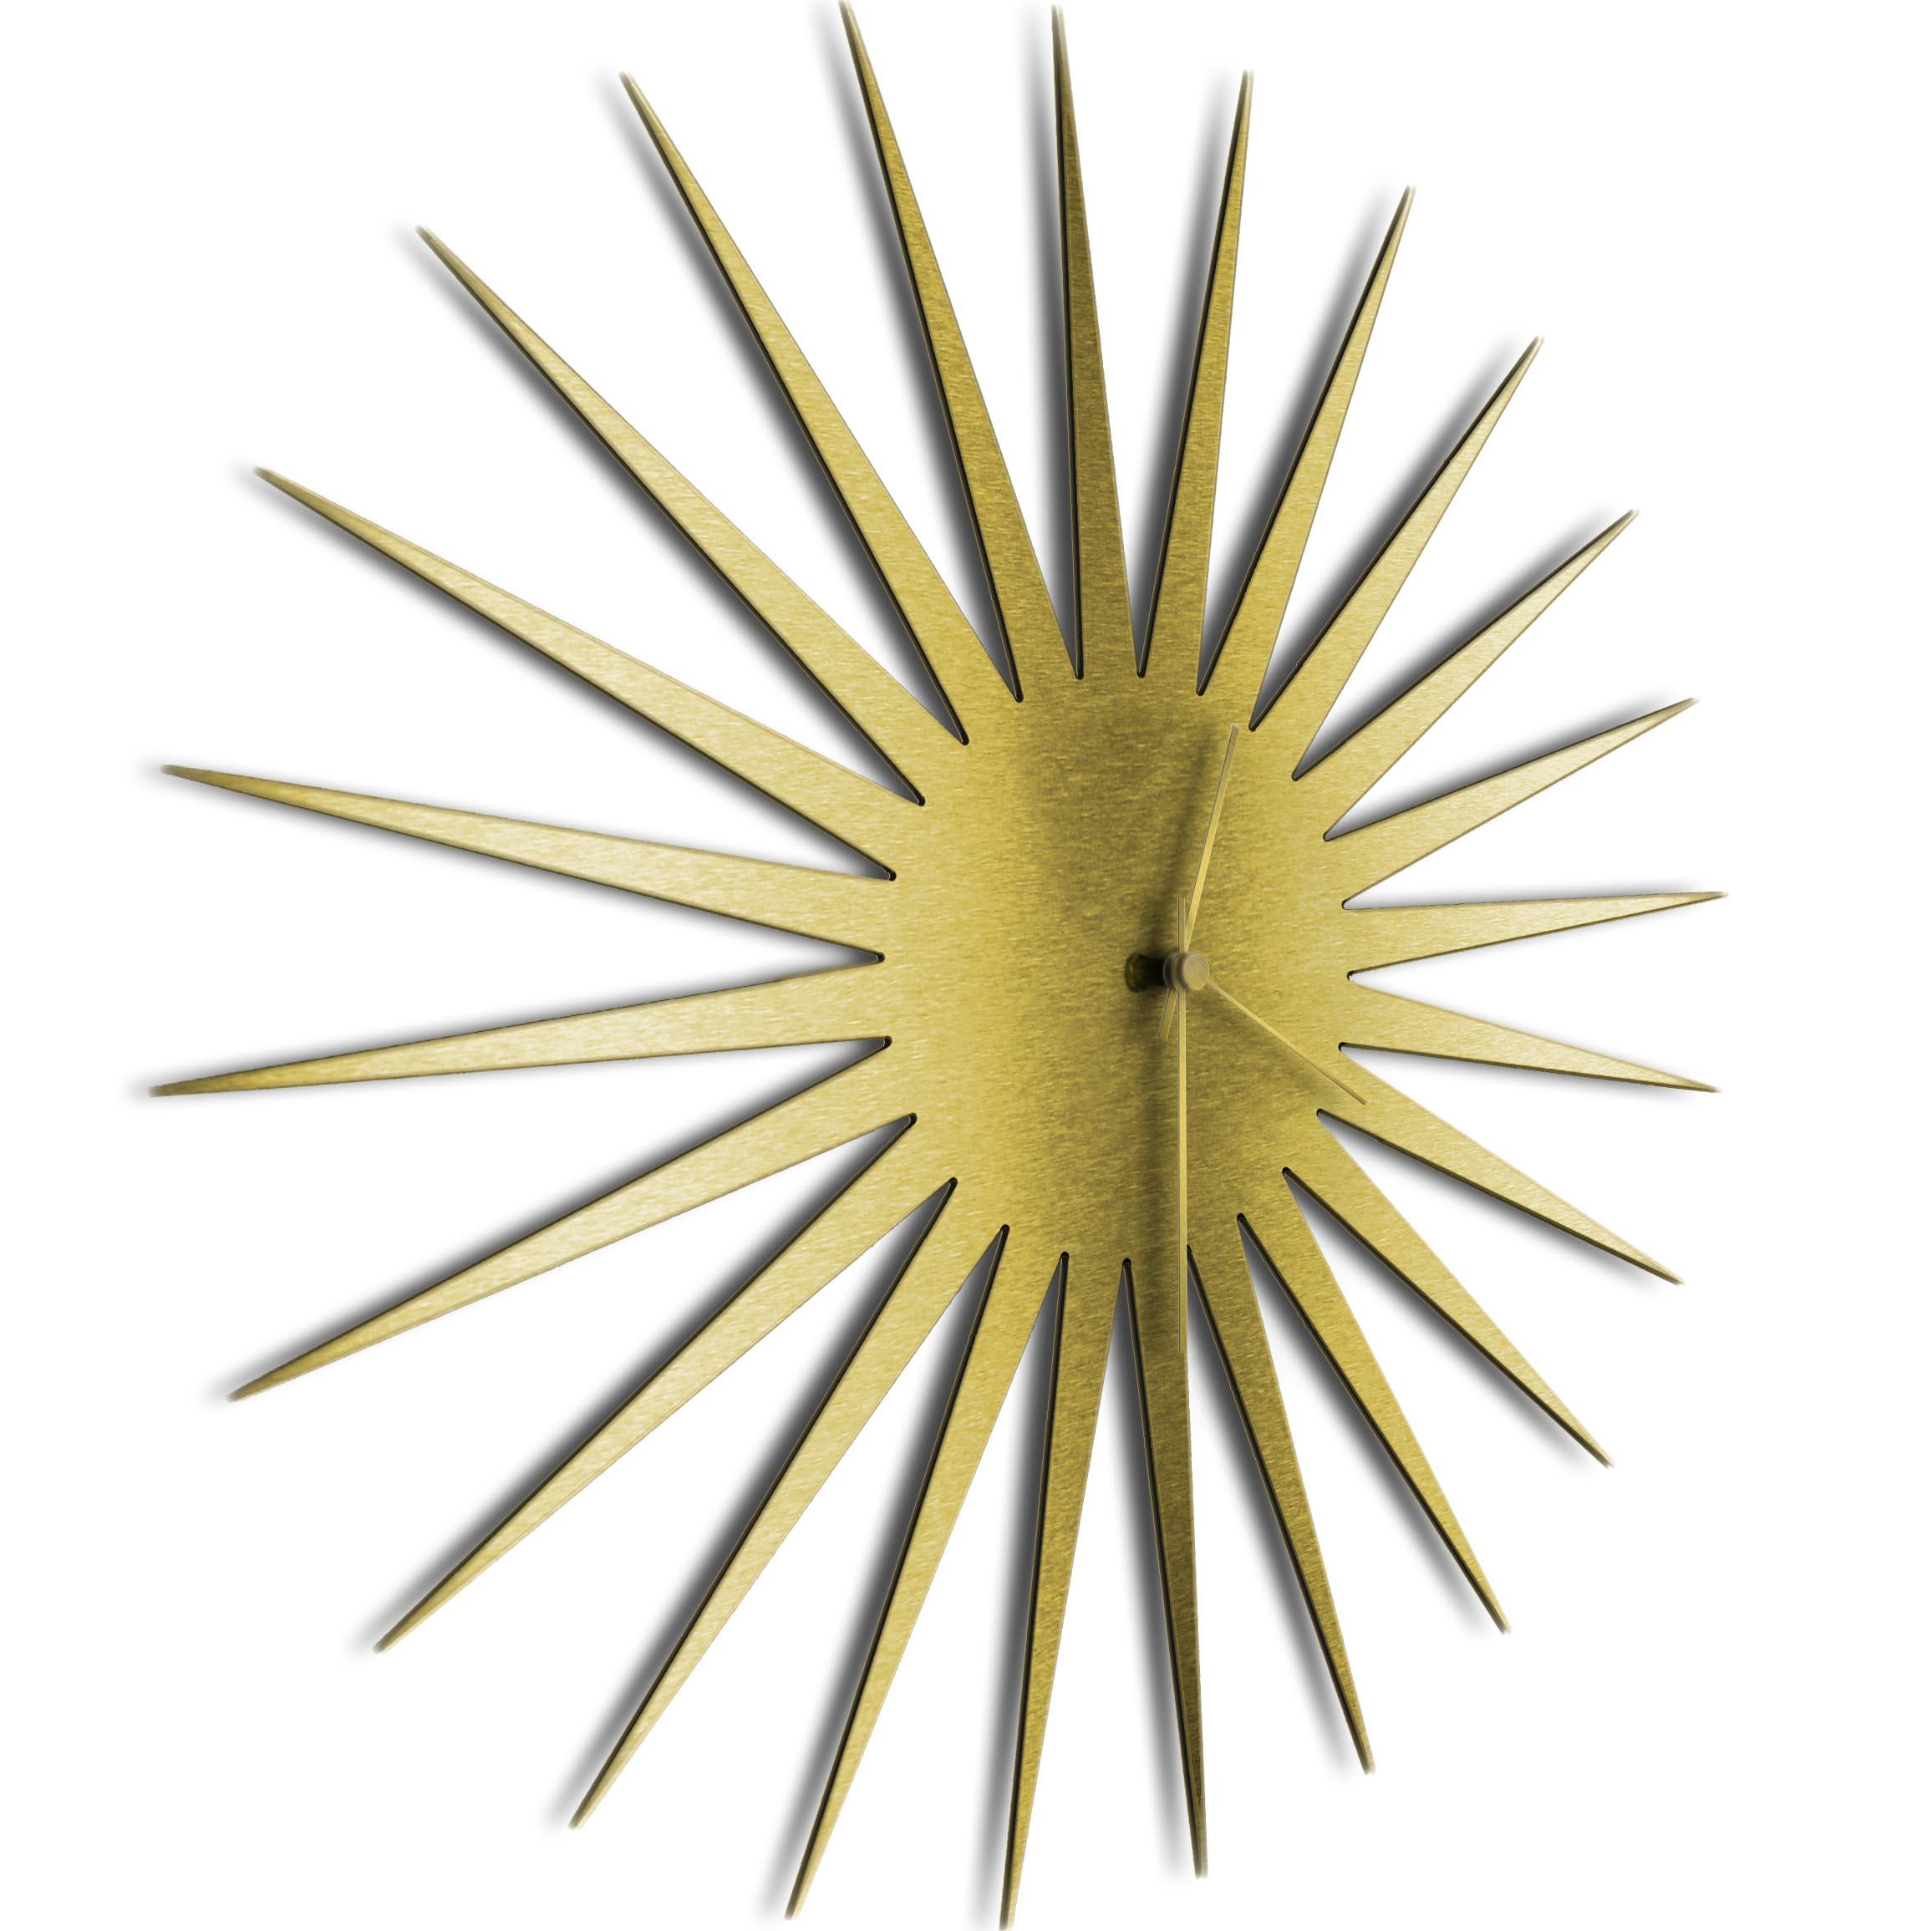 MCM Starburst Clock Gold Gold - Image 2